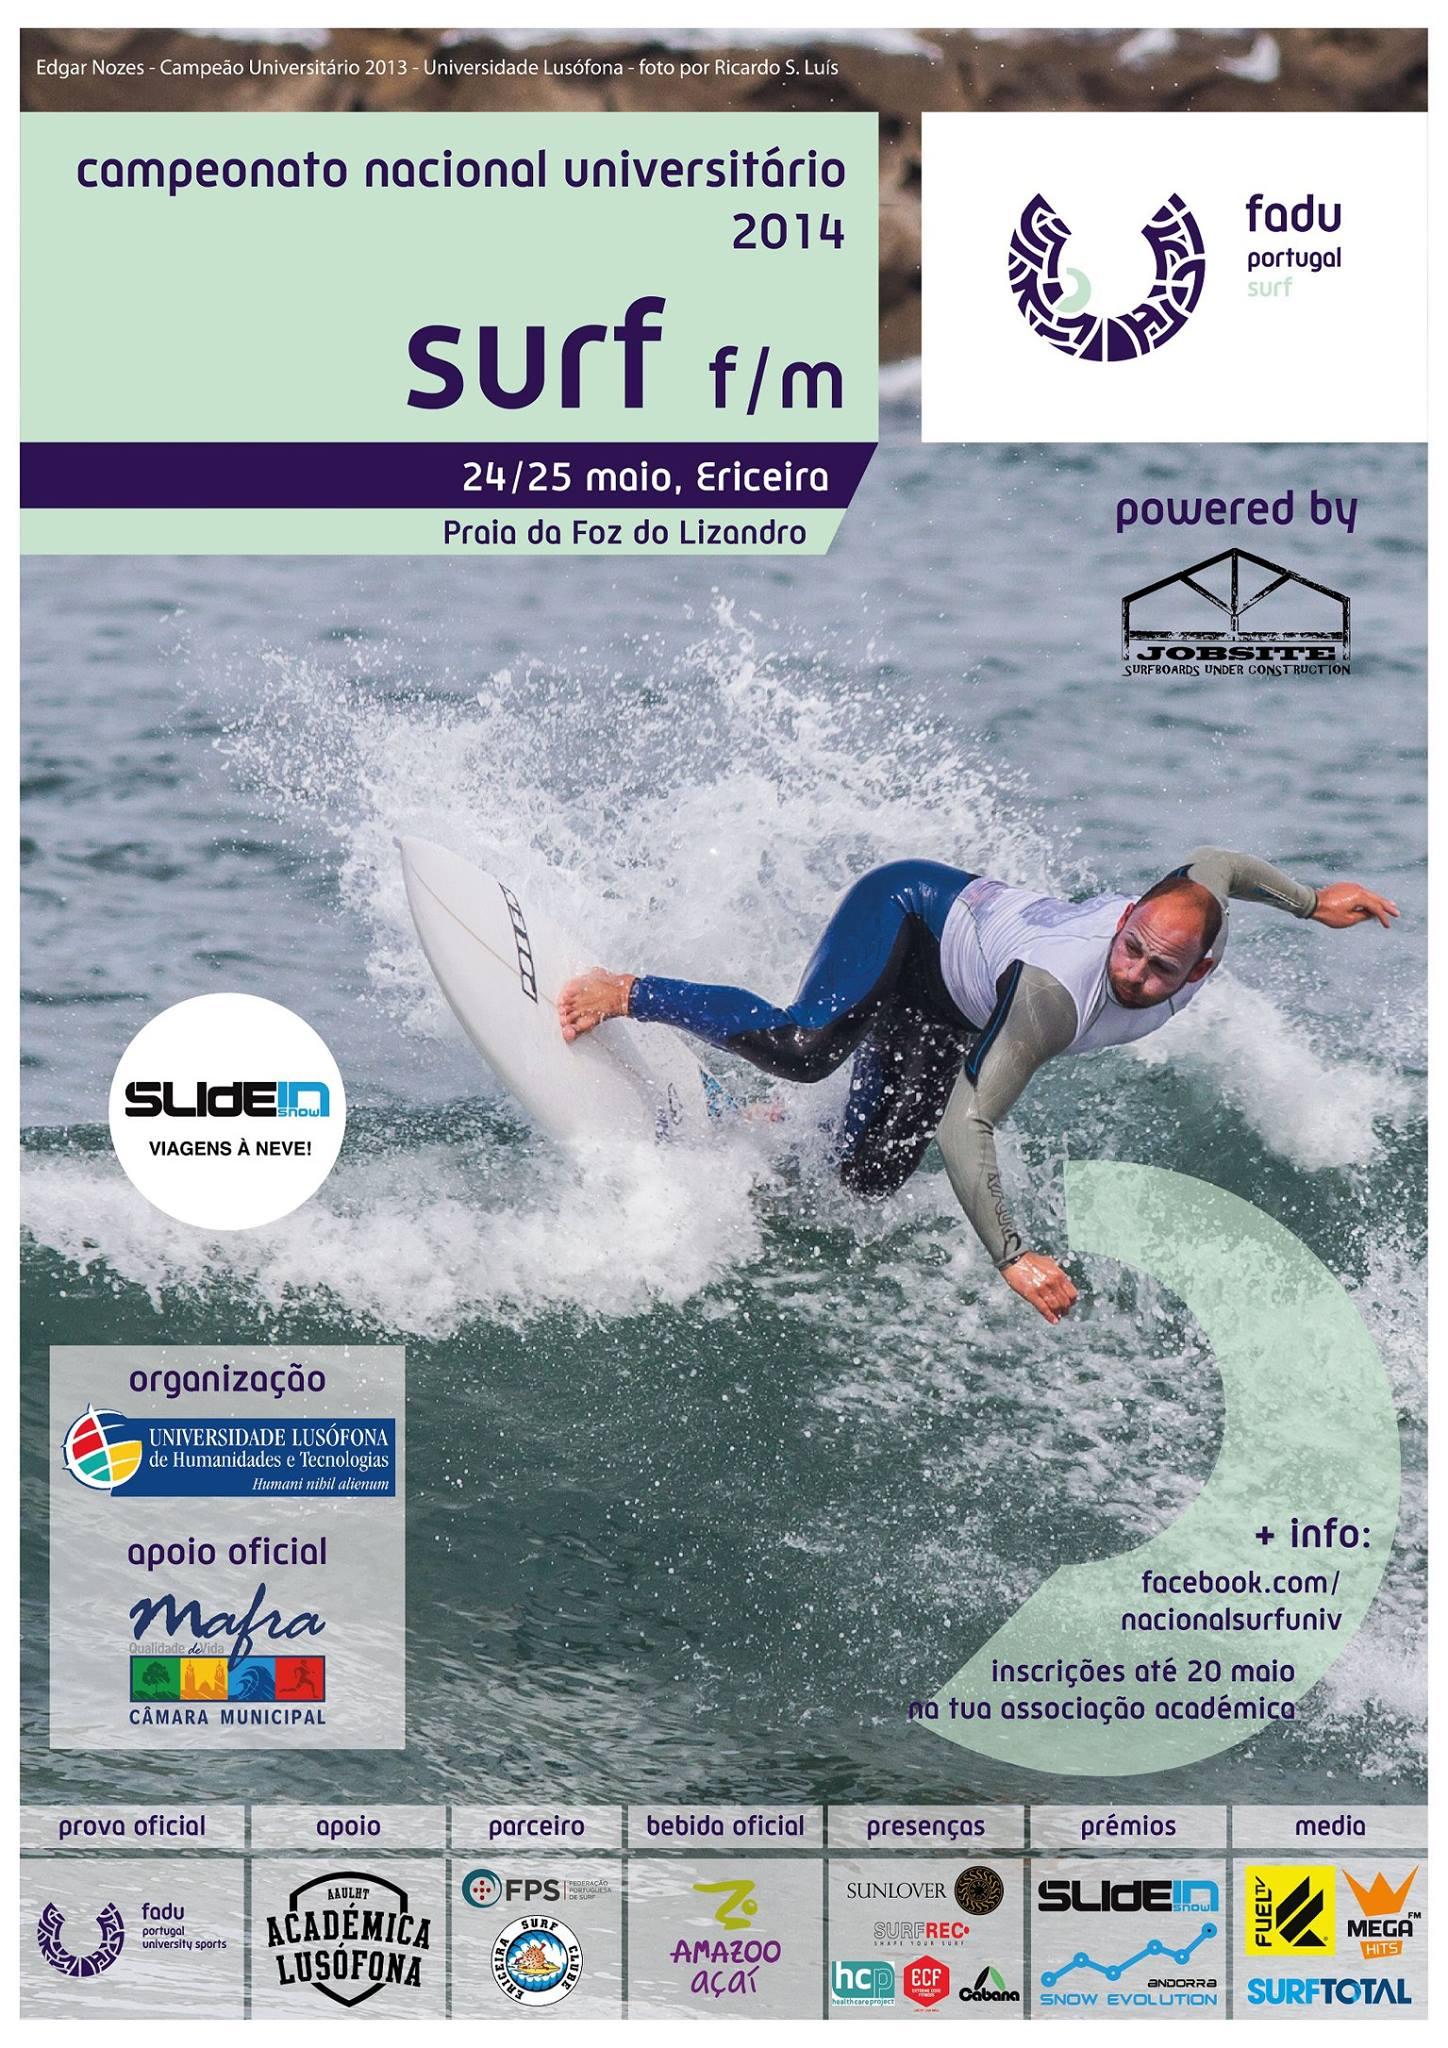 Campeonato Nacional de Surf Universitário 2014. - ph. DR